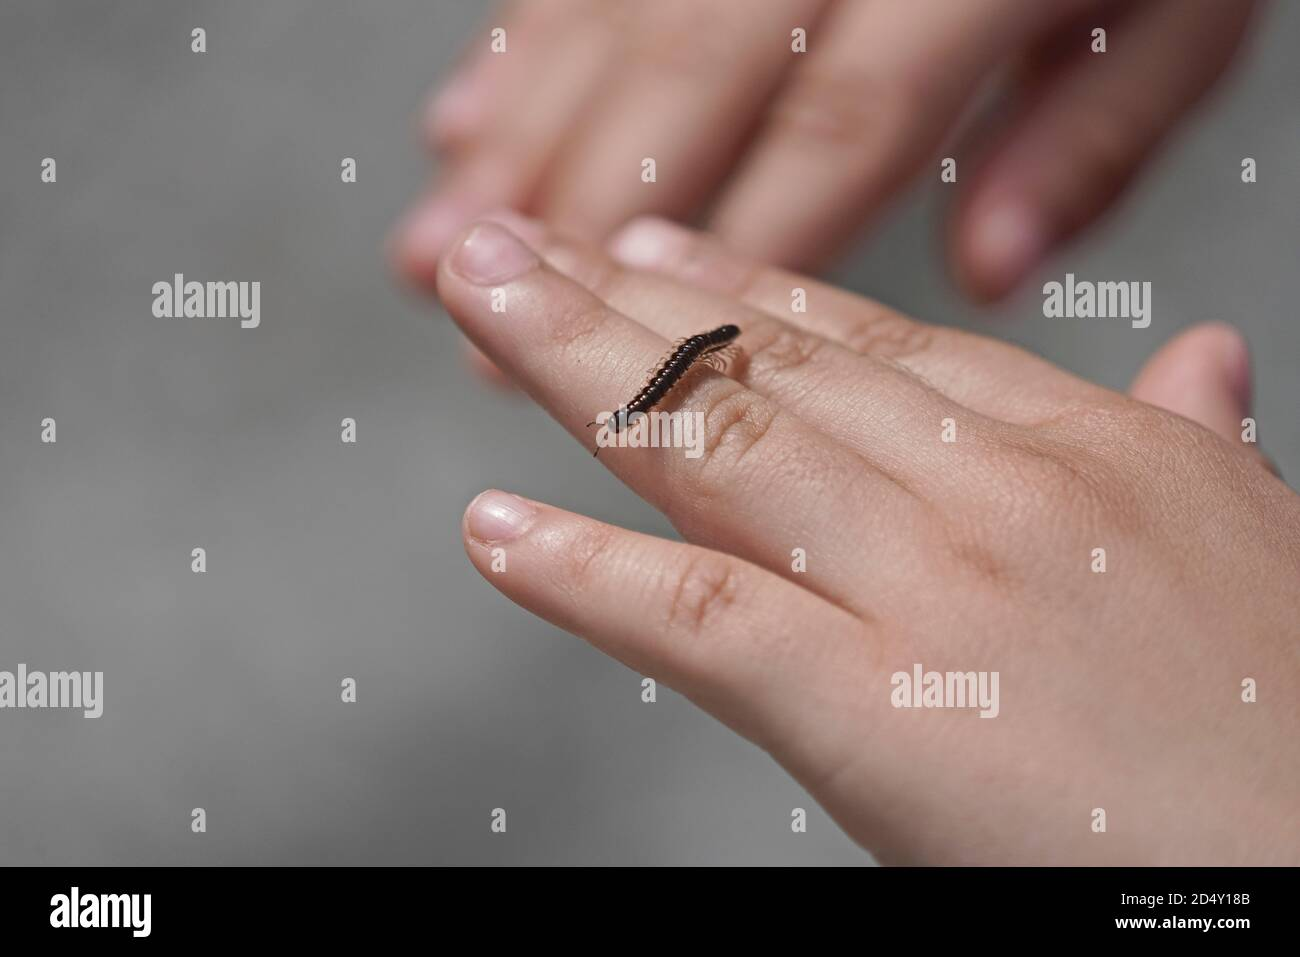 ´s mano de niño sosteniendo un pequeño milipede Foto de stock